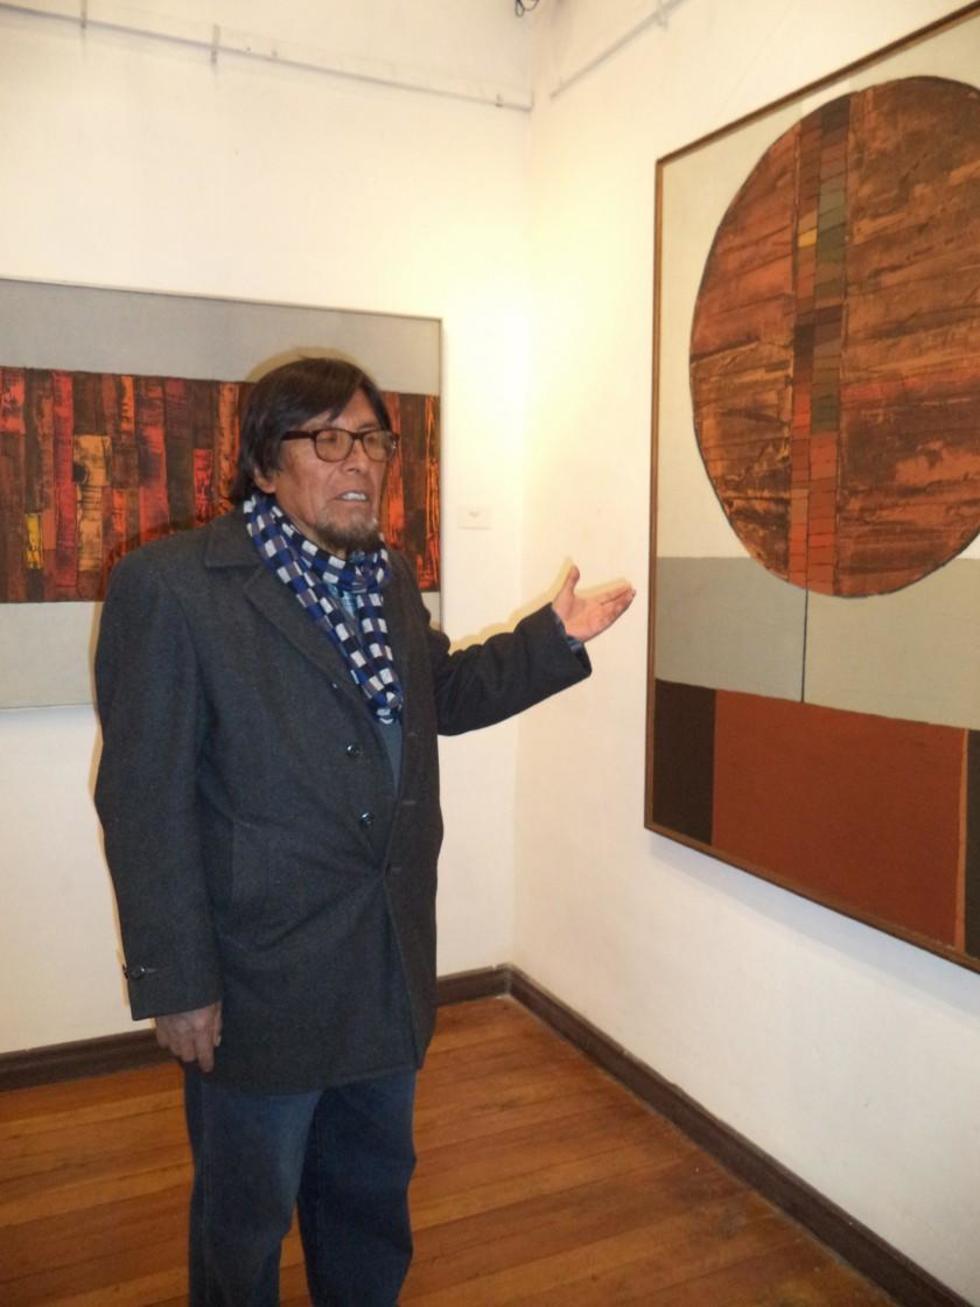 El pintor explica las características de una de sus obras.